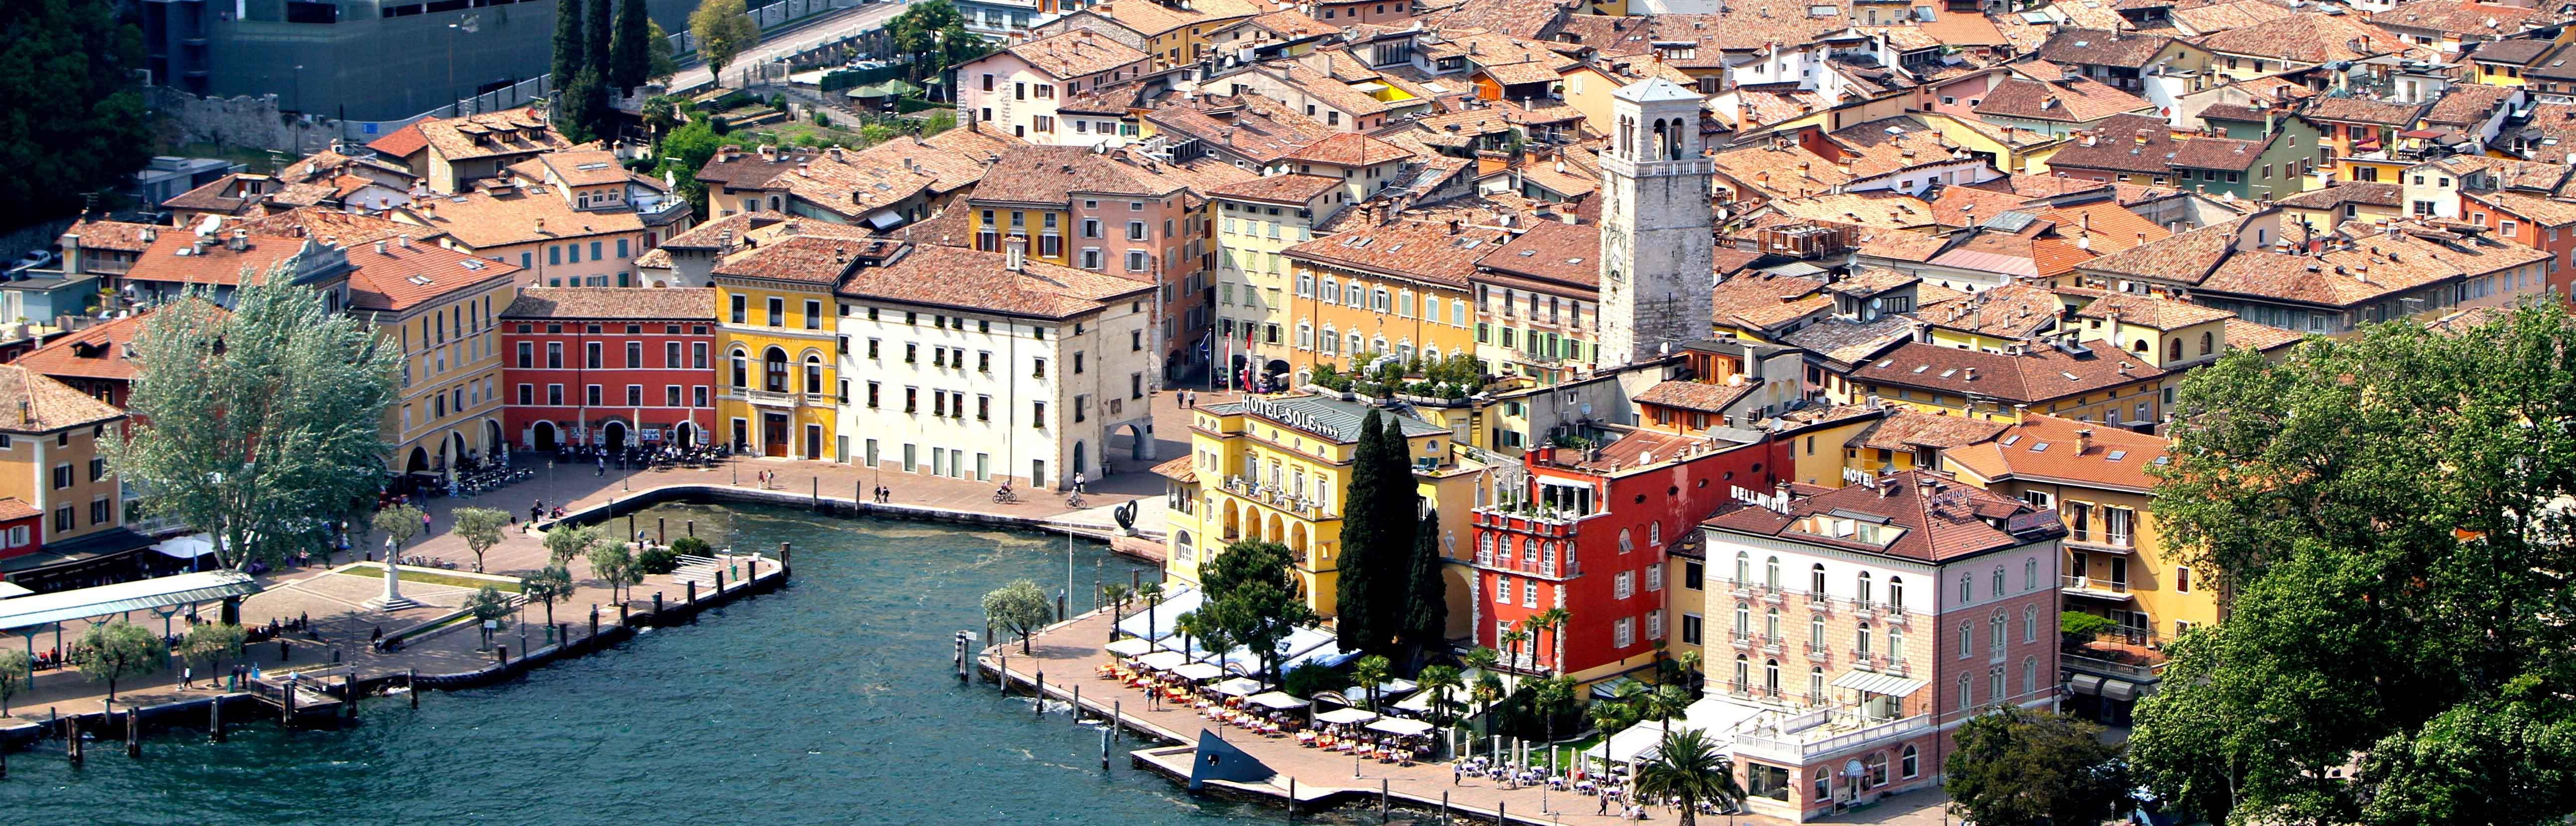 IWMbD2016 in Riva del Garda, Italy, December 15-16 2016